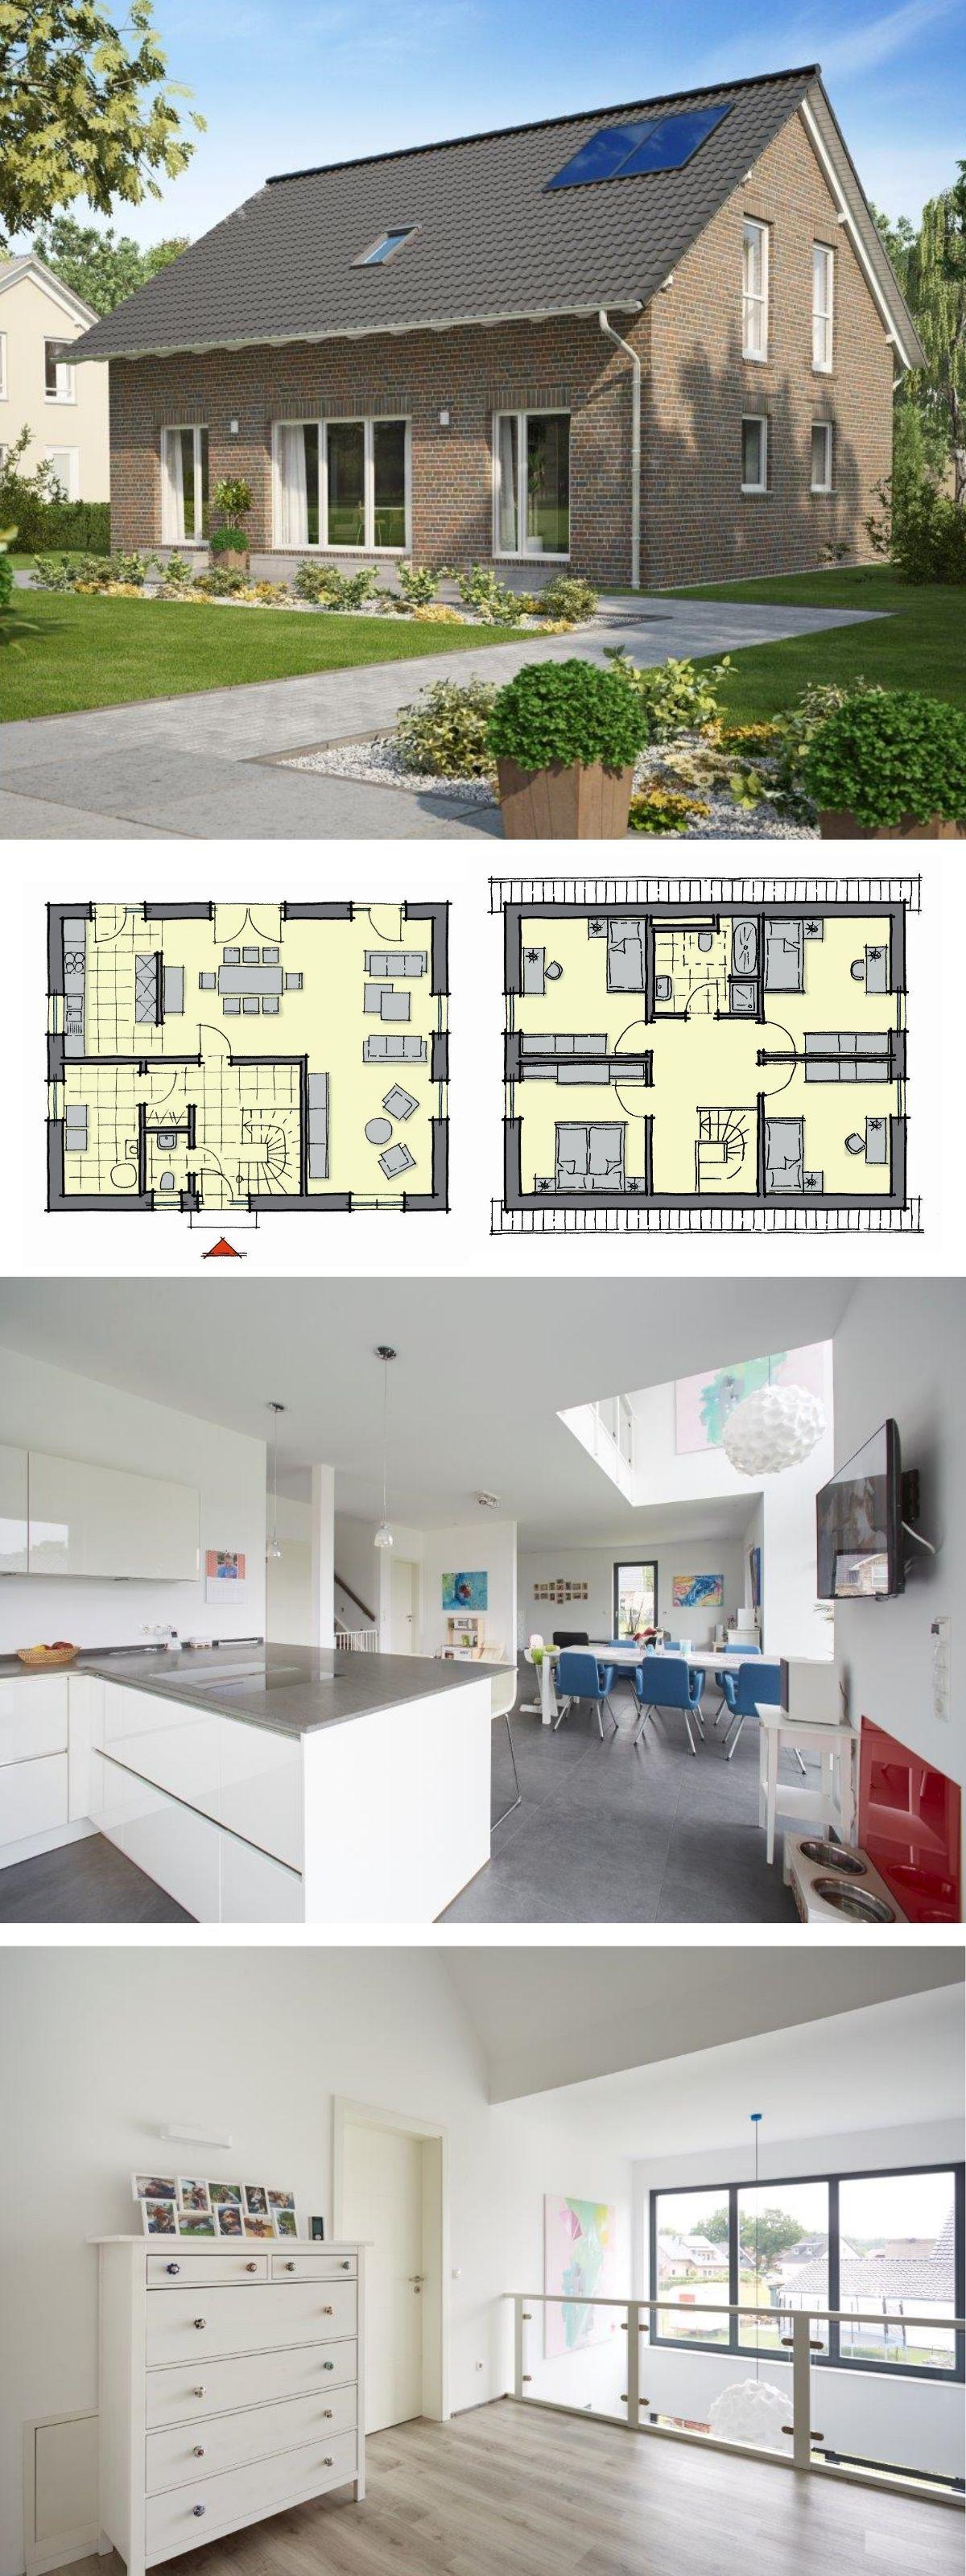 Einfamilienhaus neubau klassisch mit klinker fassade for Architektur klassisch